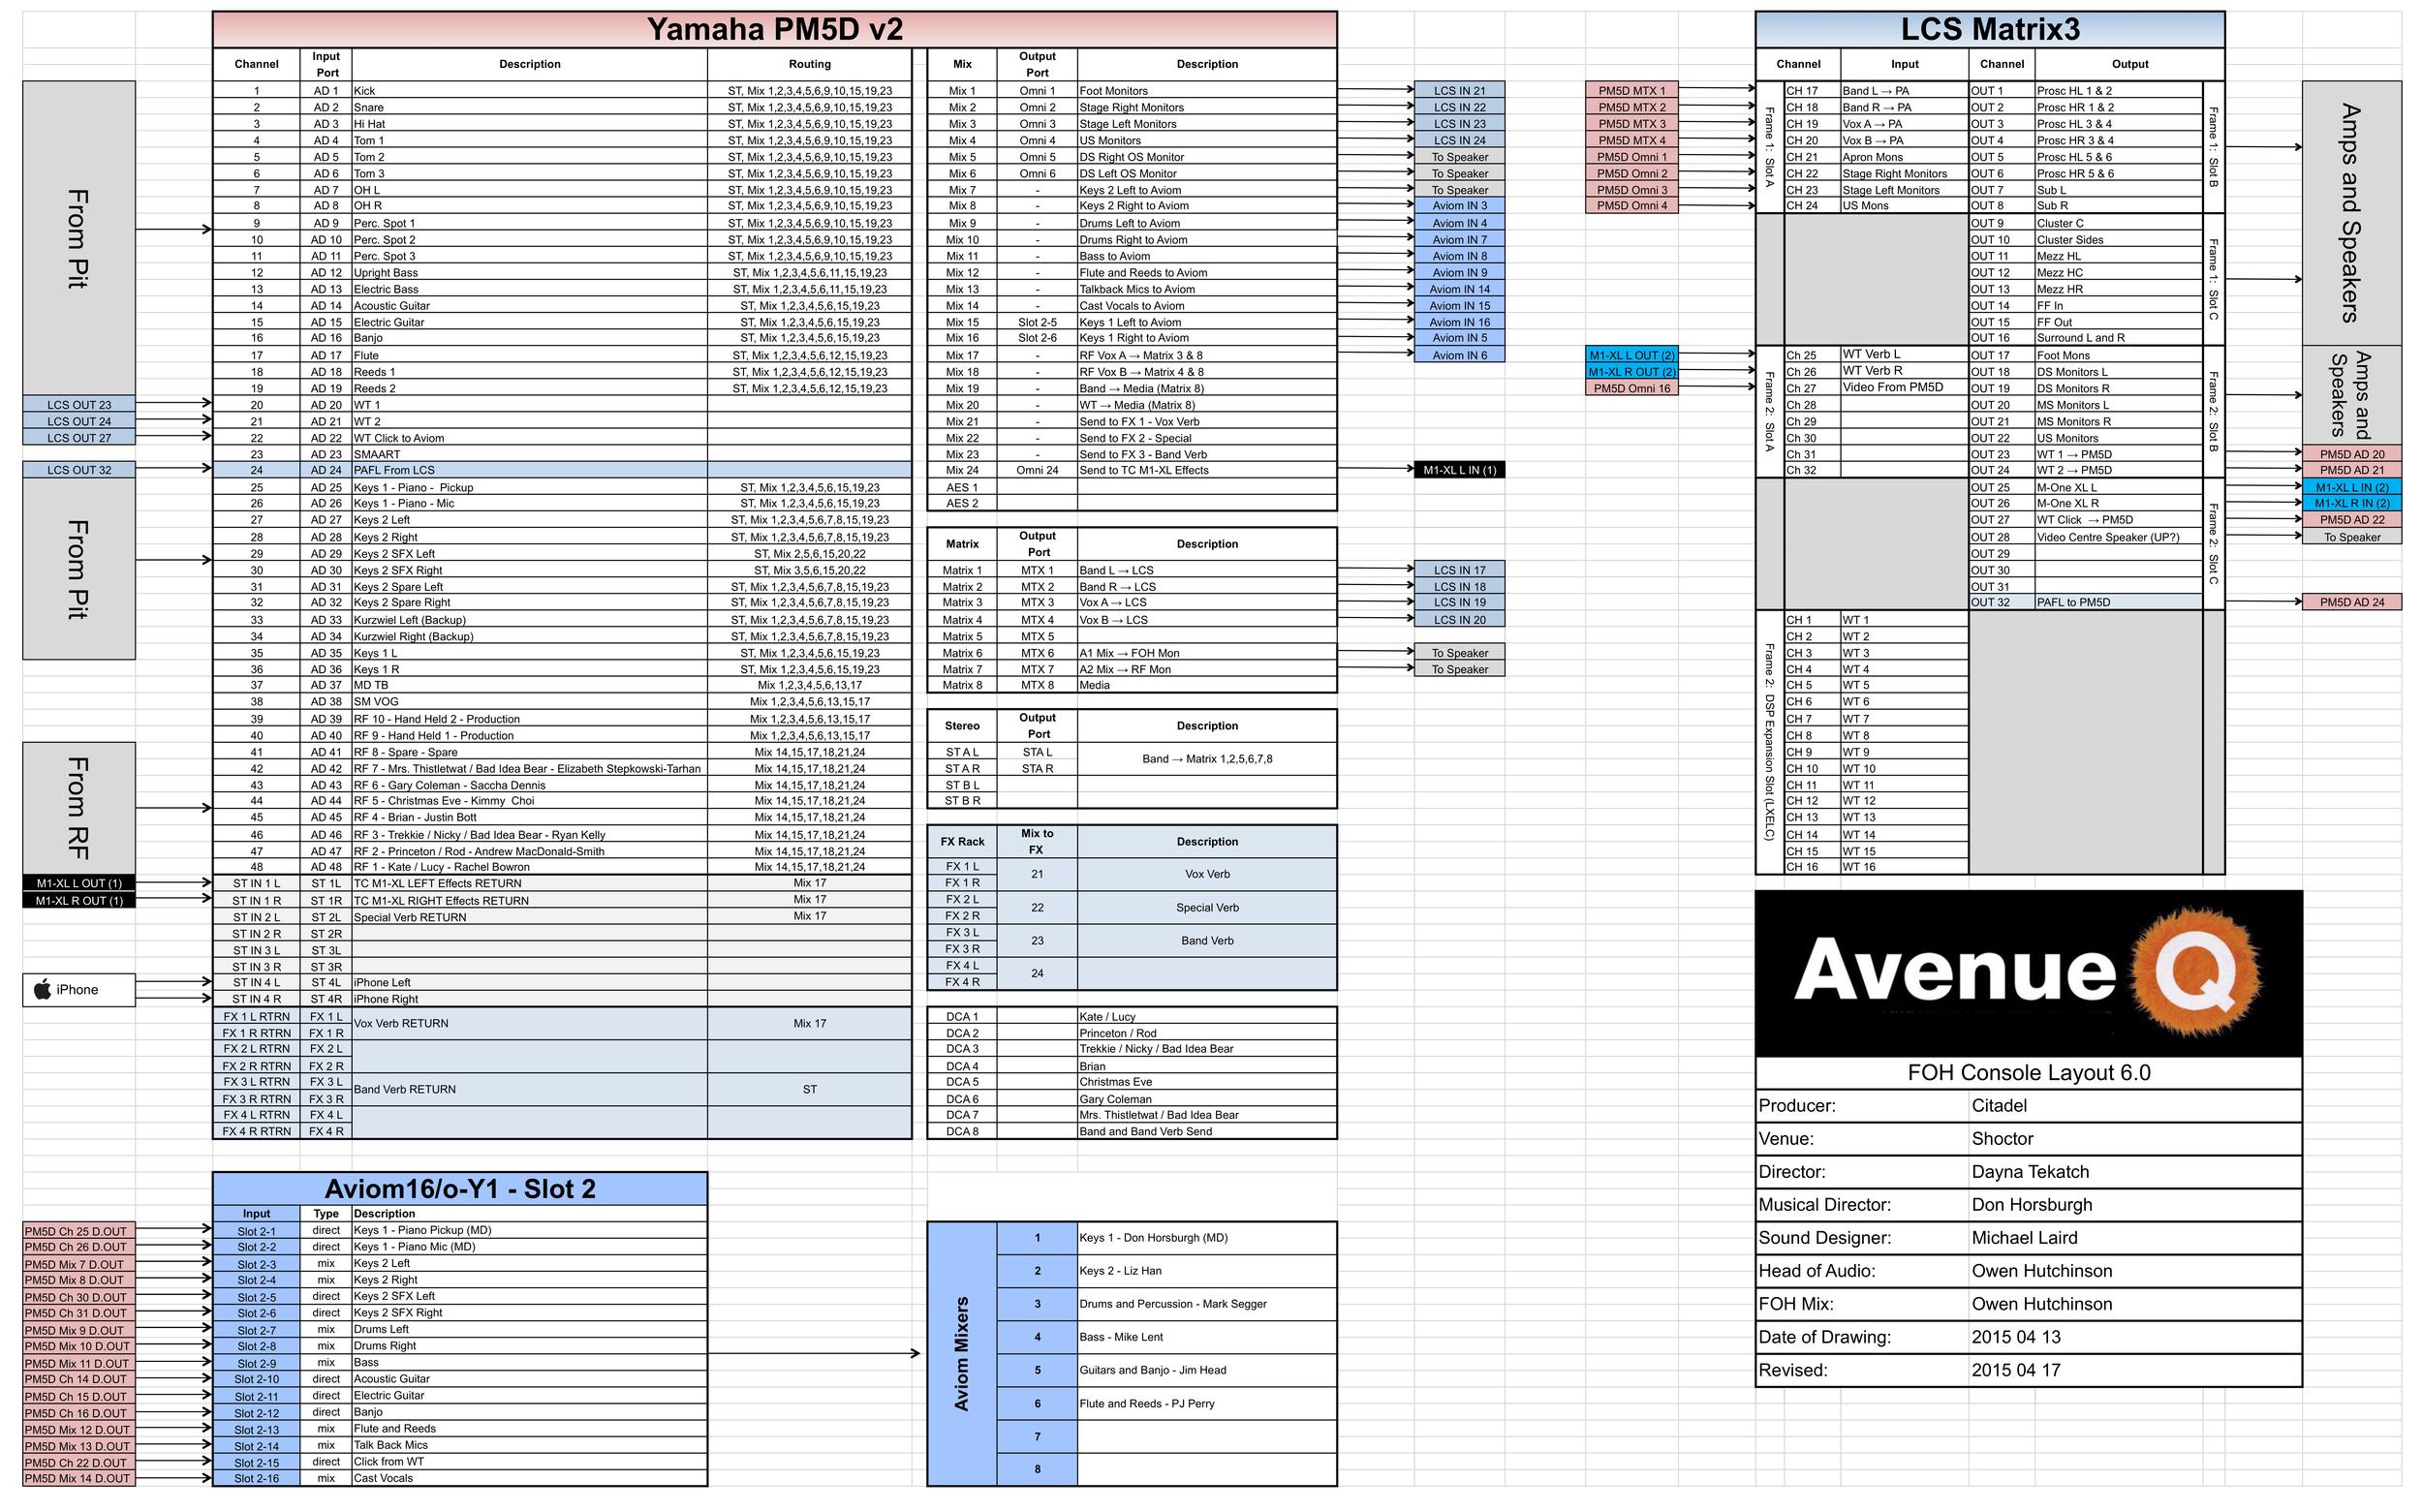 Citadel - Avenue Q - Audio Bible - 23 - 2015 04 25.xlsx.jpg